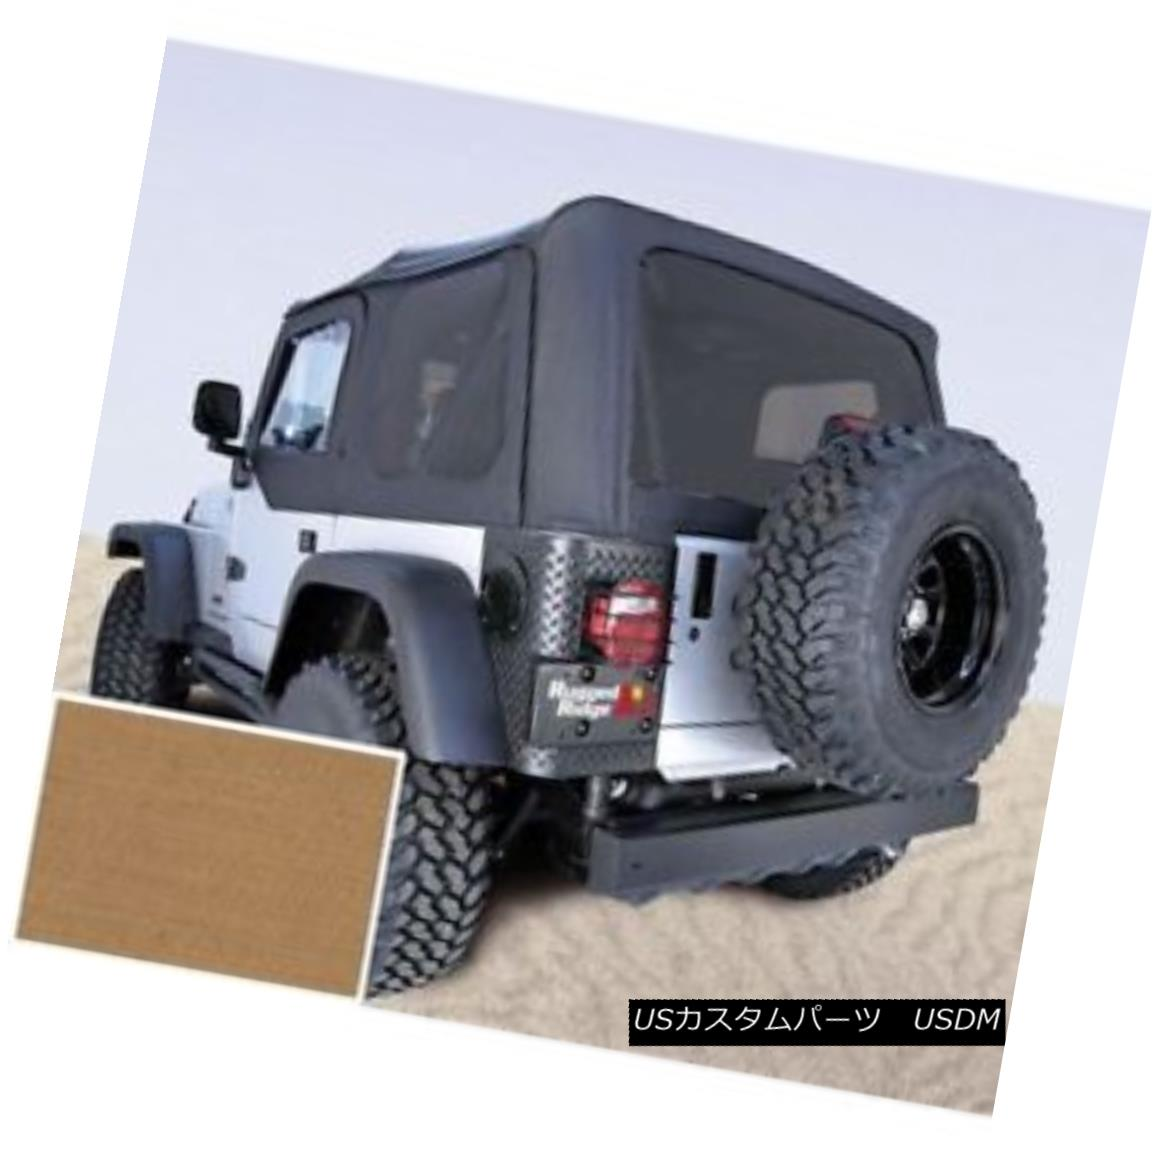 贅沢 幌 97-02 Rugged・ソフトトップ TJ Rugged Ridge Soft Top, Spice, Tinted Windows; 97-02 Jeep Wrangler TJ 頑丈なリッジソフトトップ、スパイス、着色ウィンドウ; 97-02ジープ・ラングラーTJ, cosme de mic:8cb33109 --- mail.galyaszferenc.eu